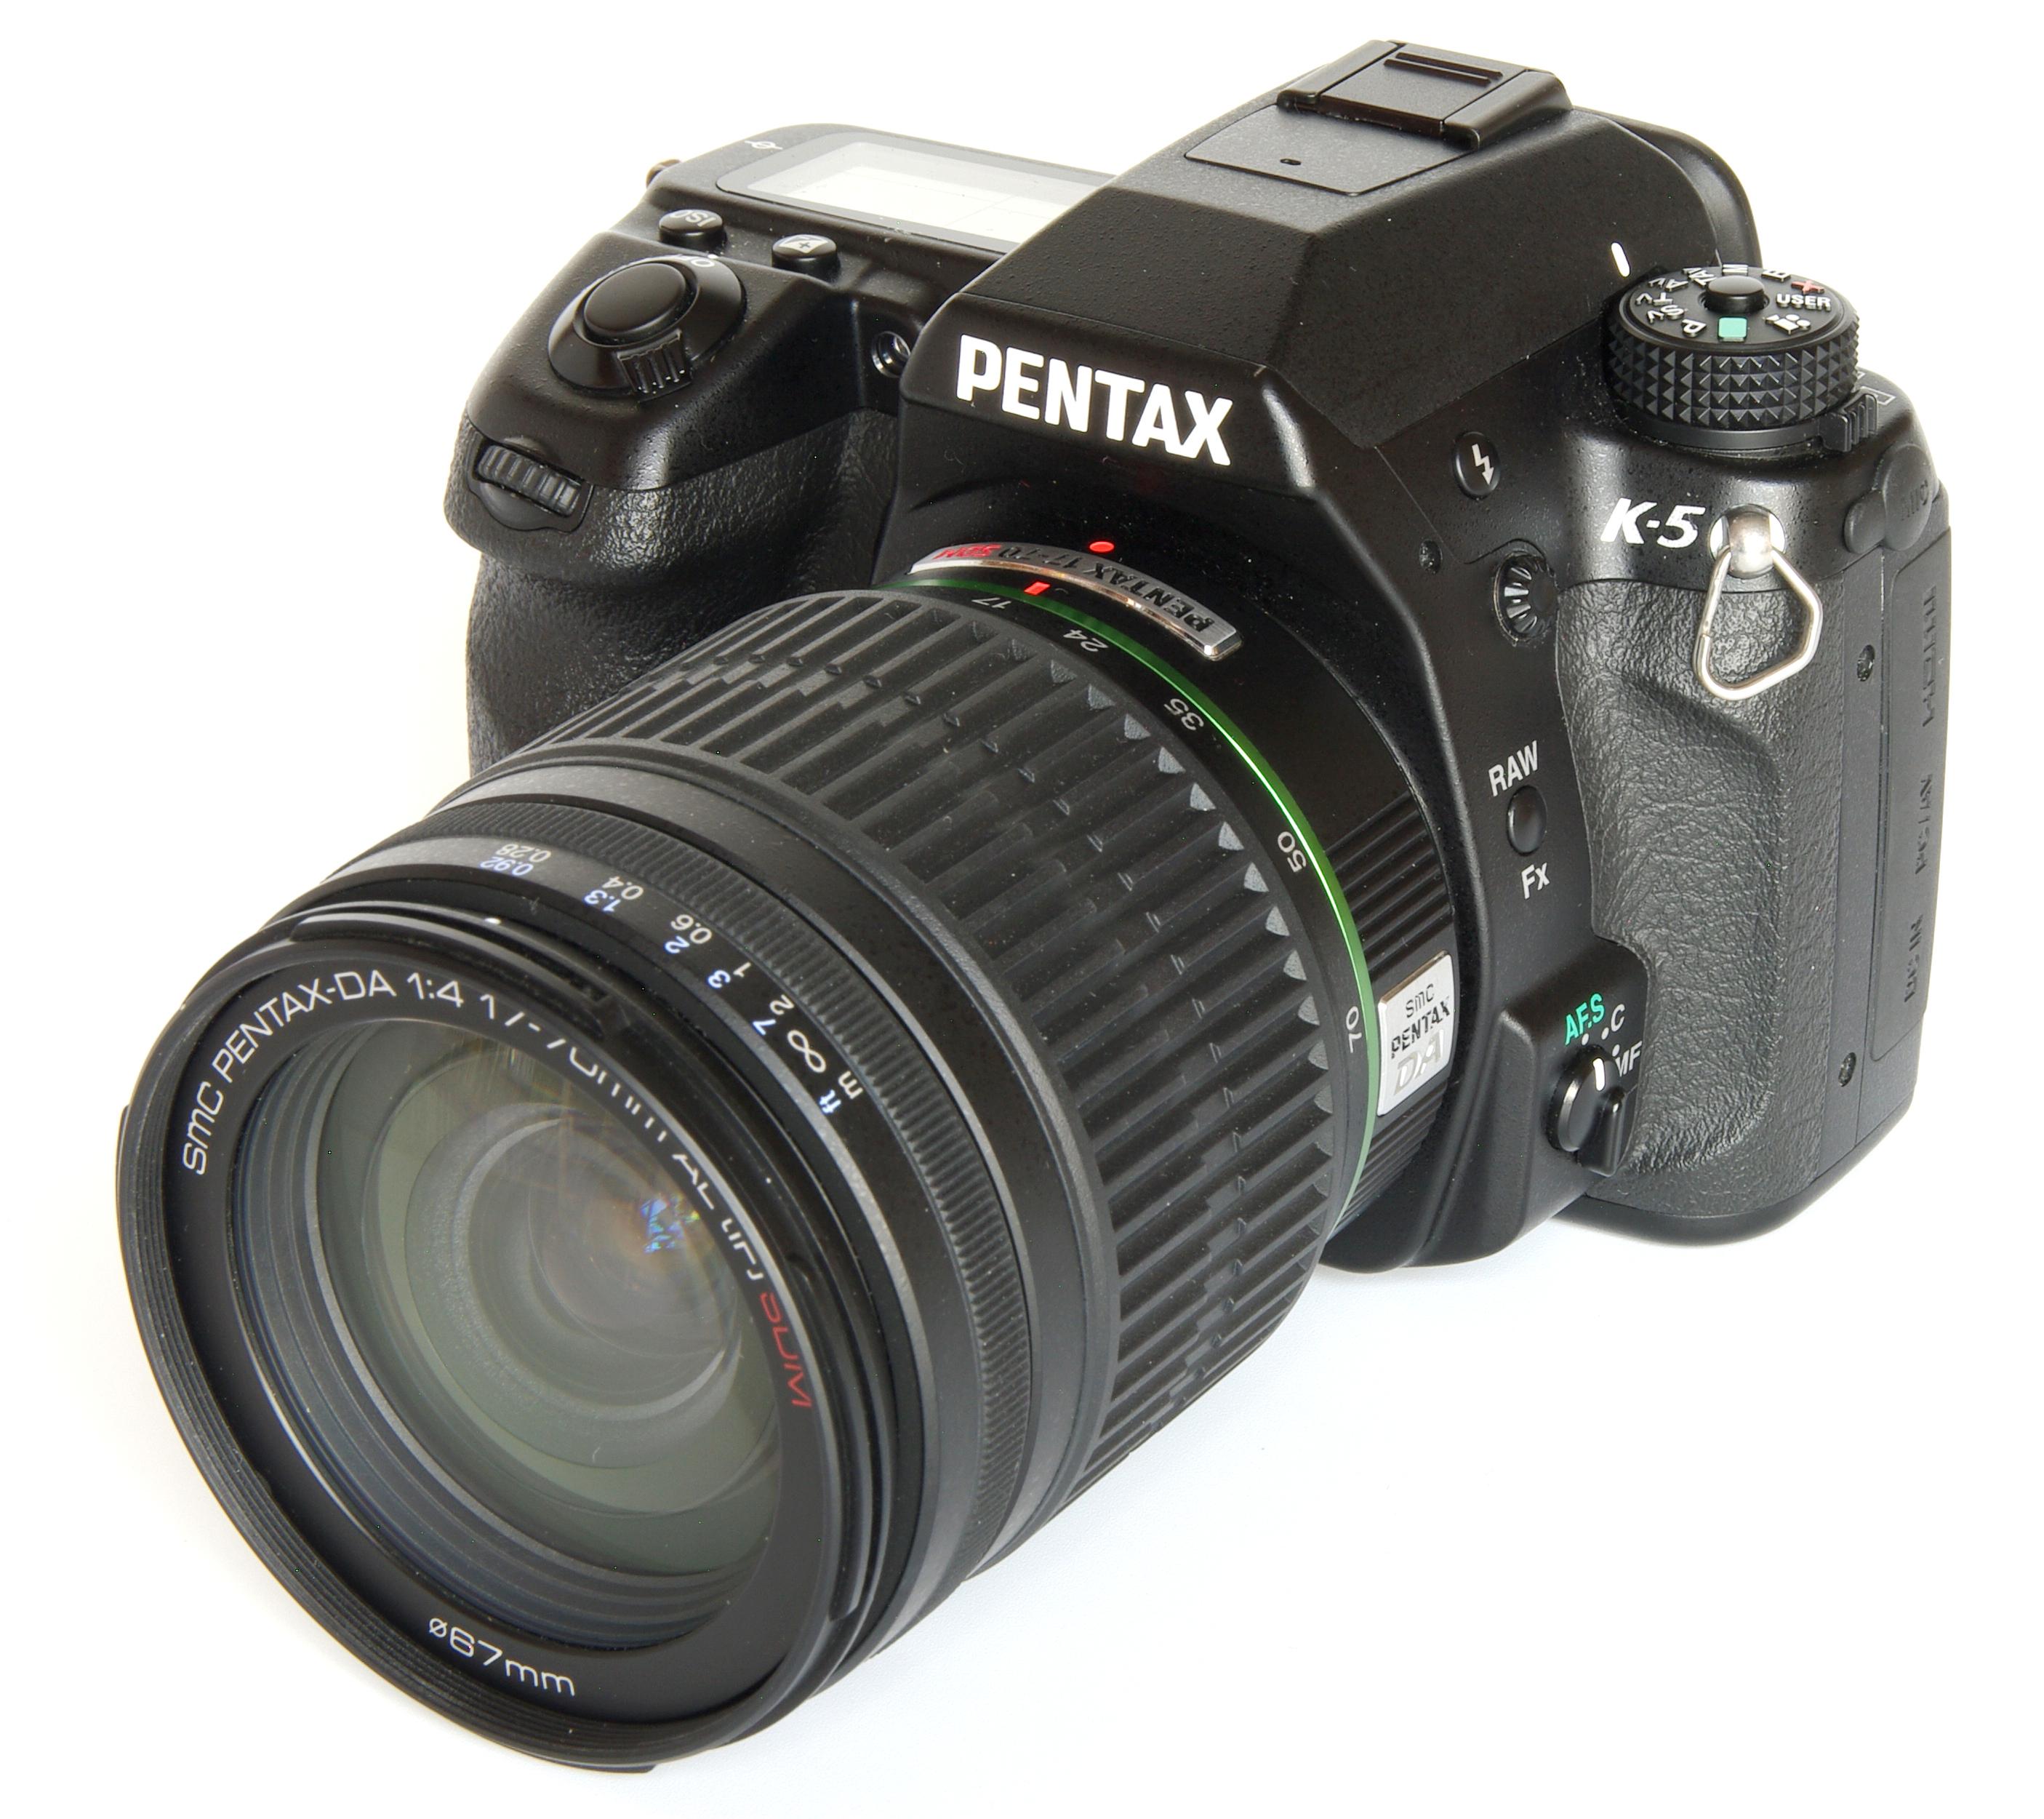 pentax 17 70 f4